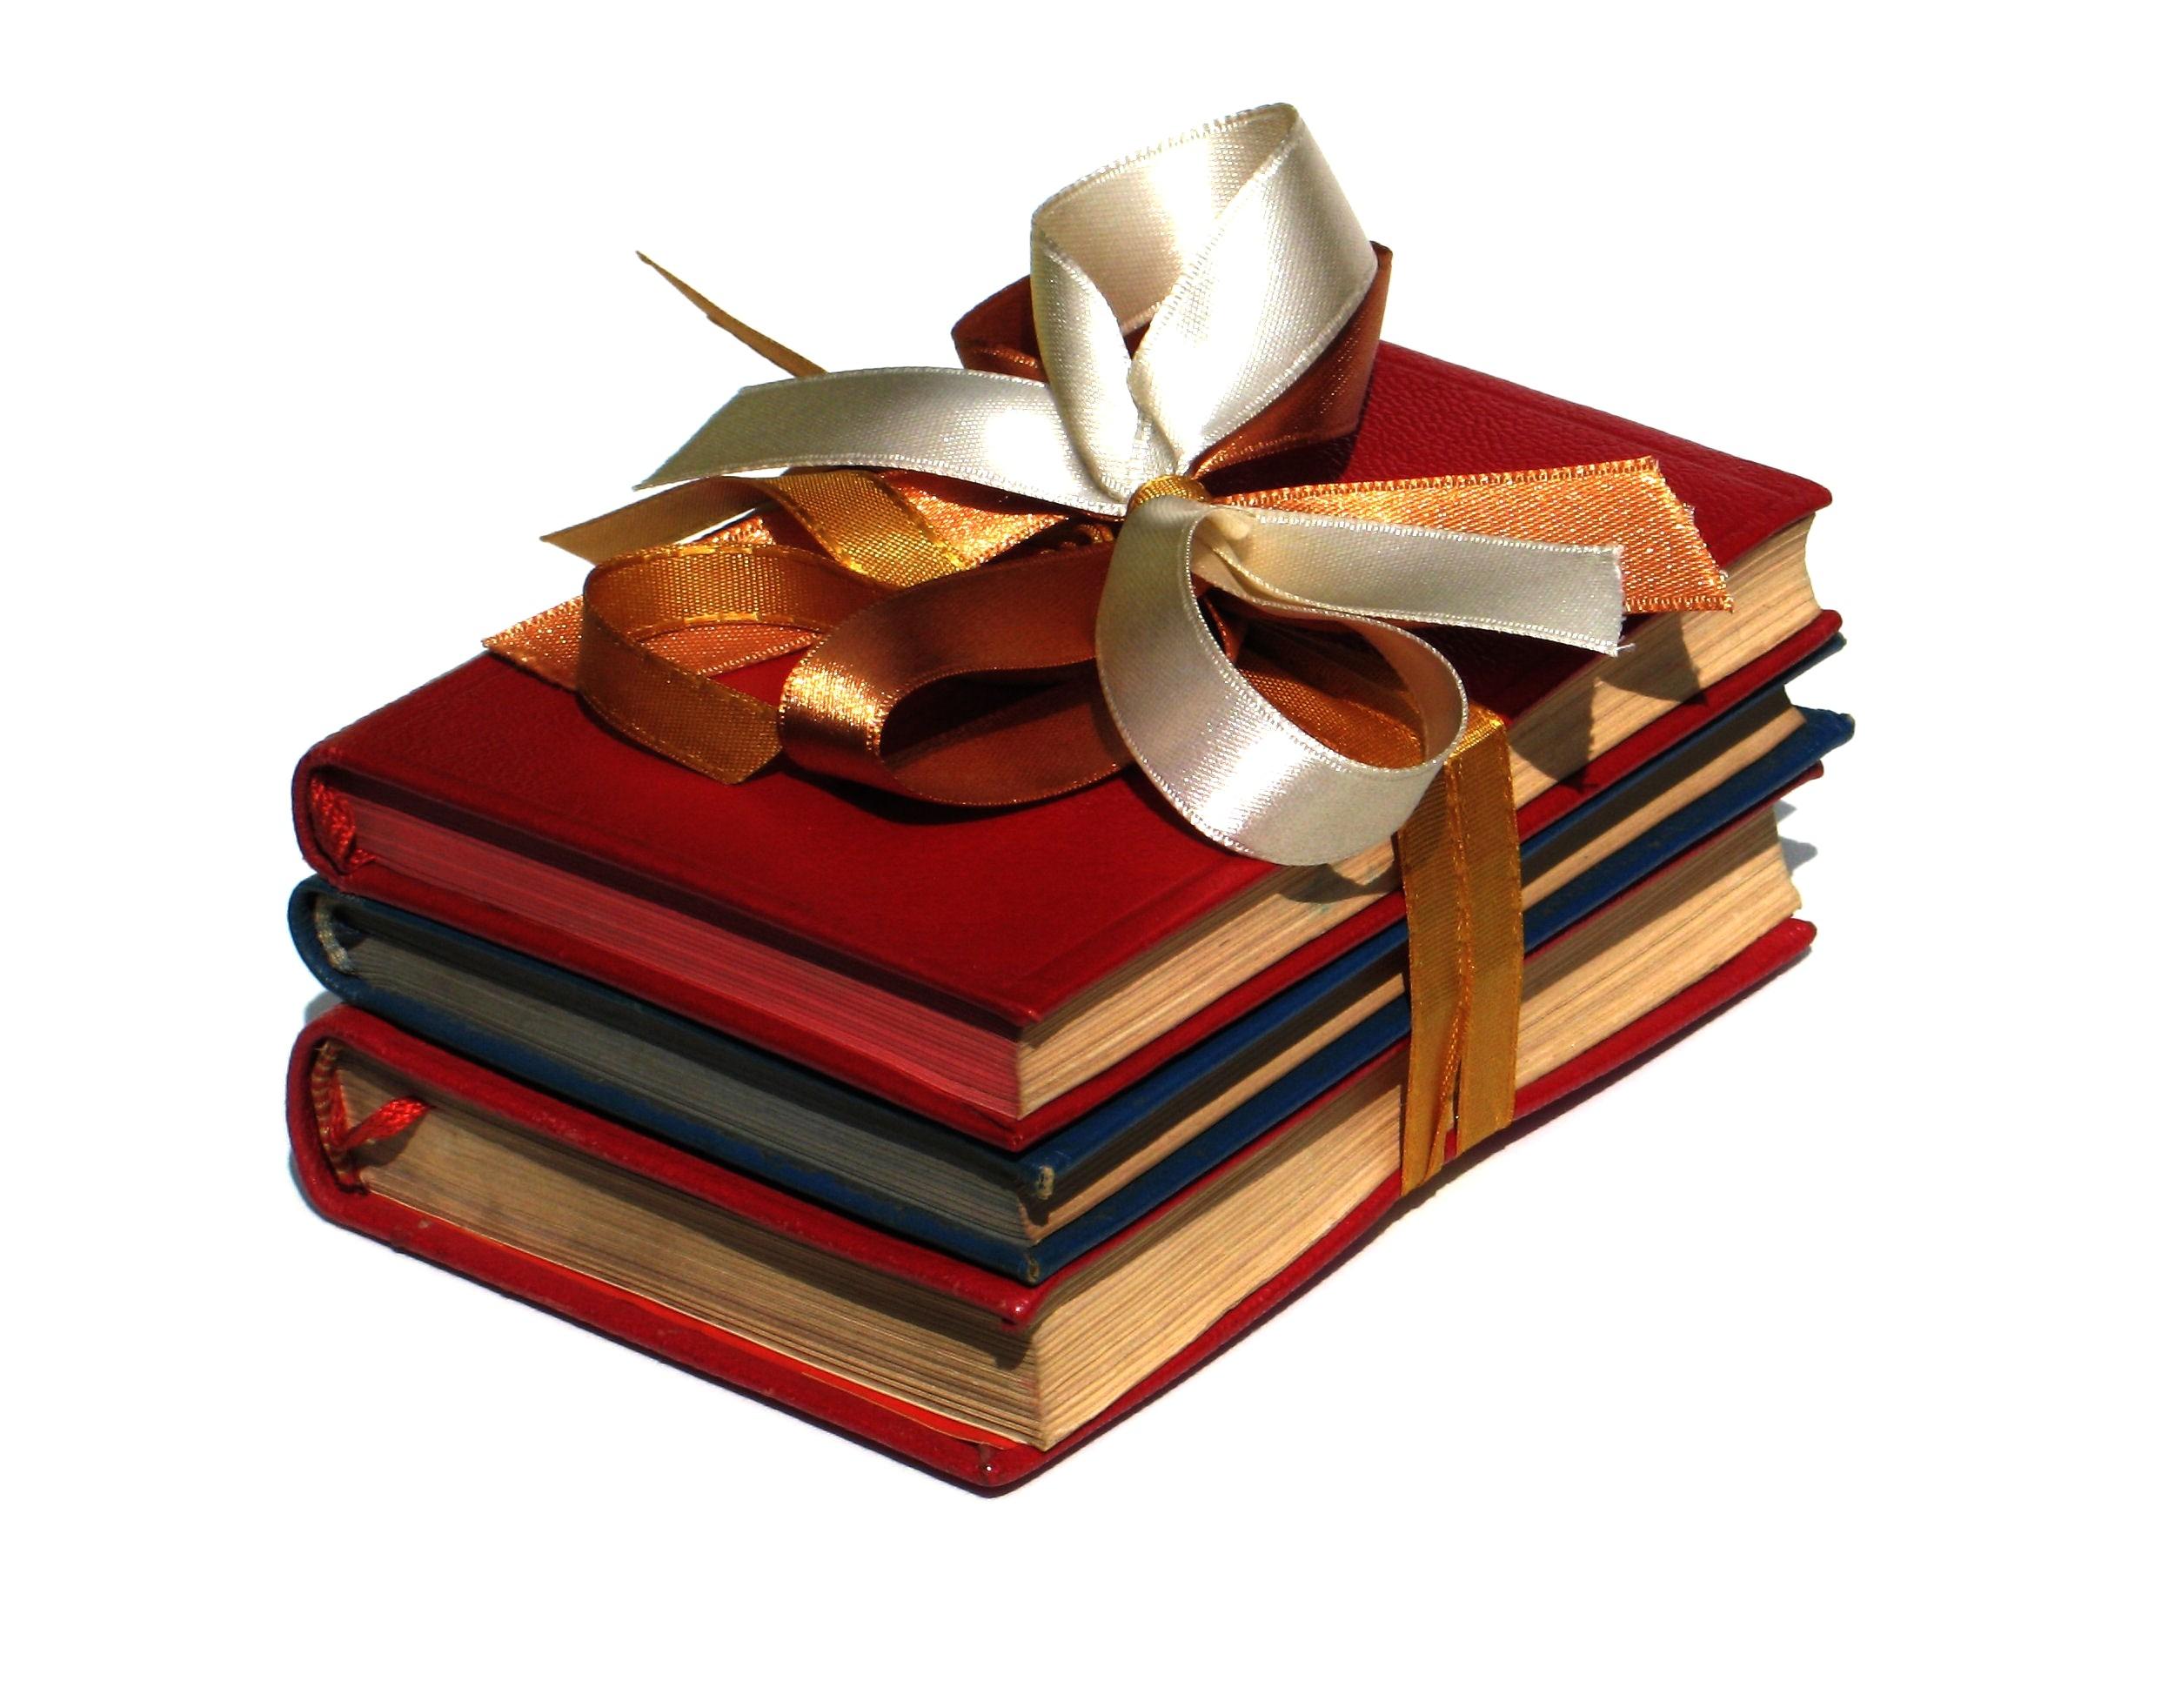 kanarenexpress.com - Weihnachten in der Krise Billig-Geschenke statt ...